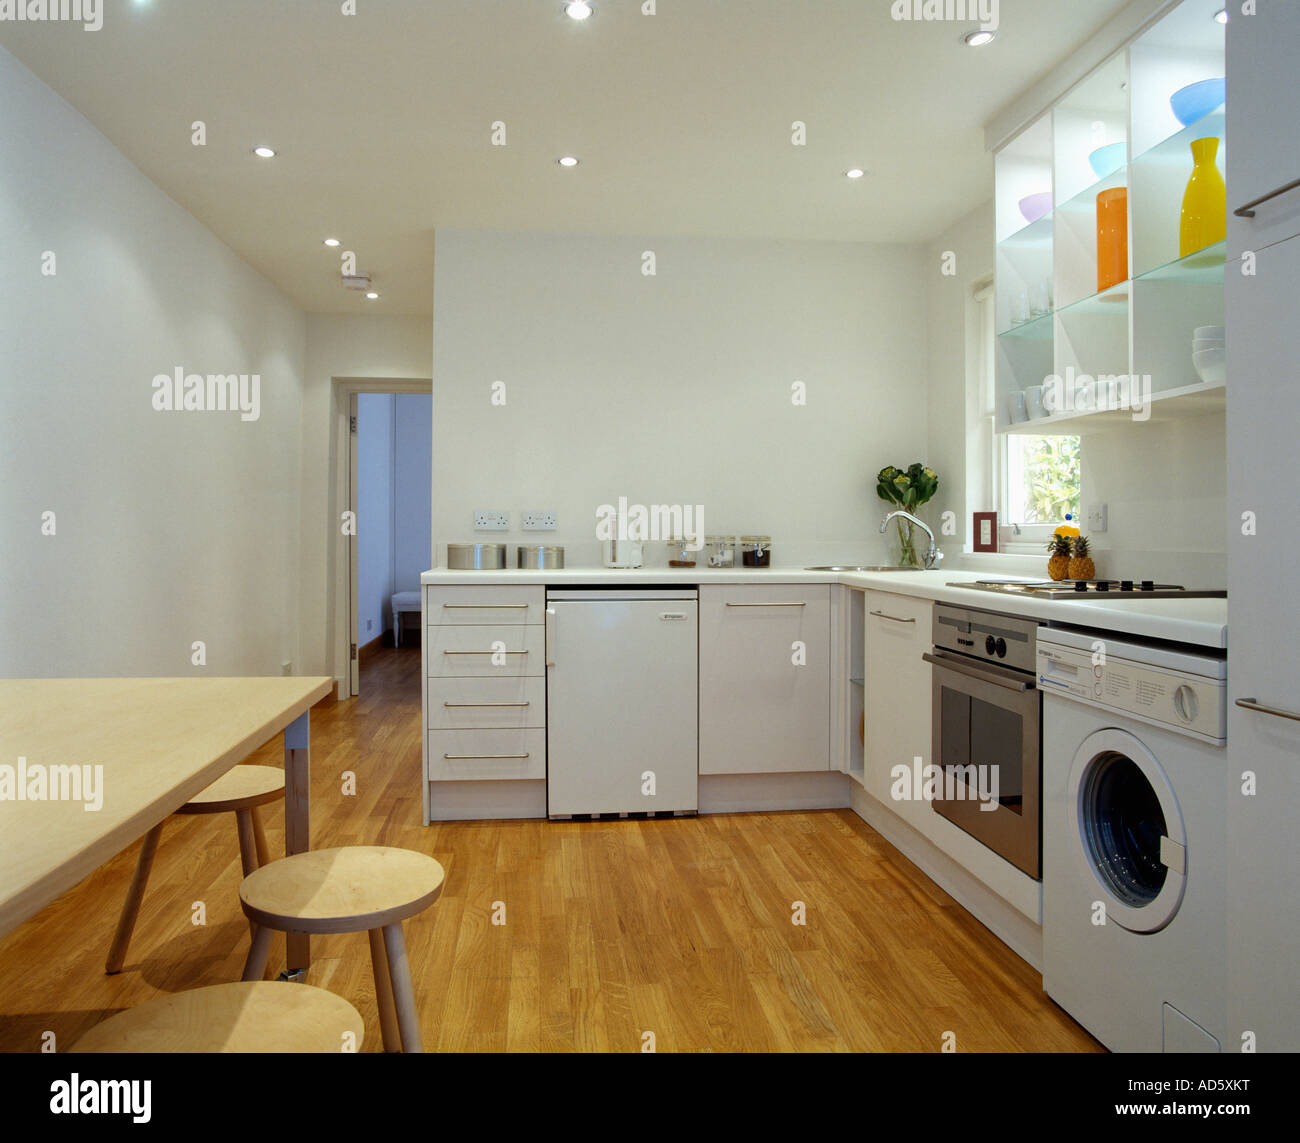 Lavatrice cucina cucina con armadi marrone lavatrice e - Lavatrice in cucina ...